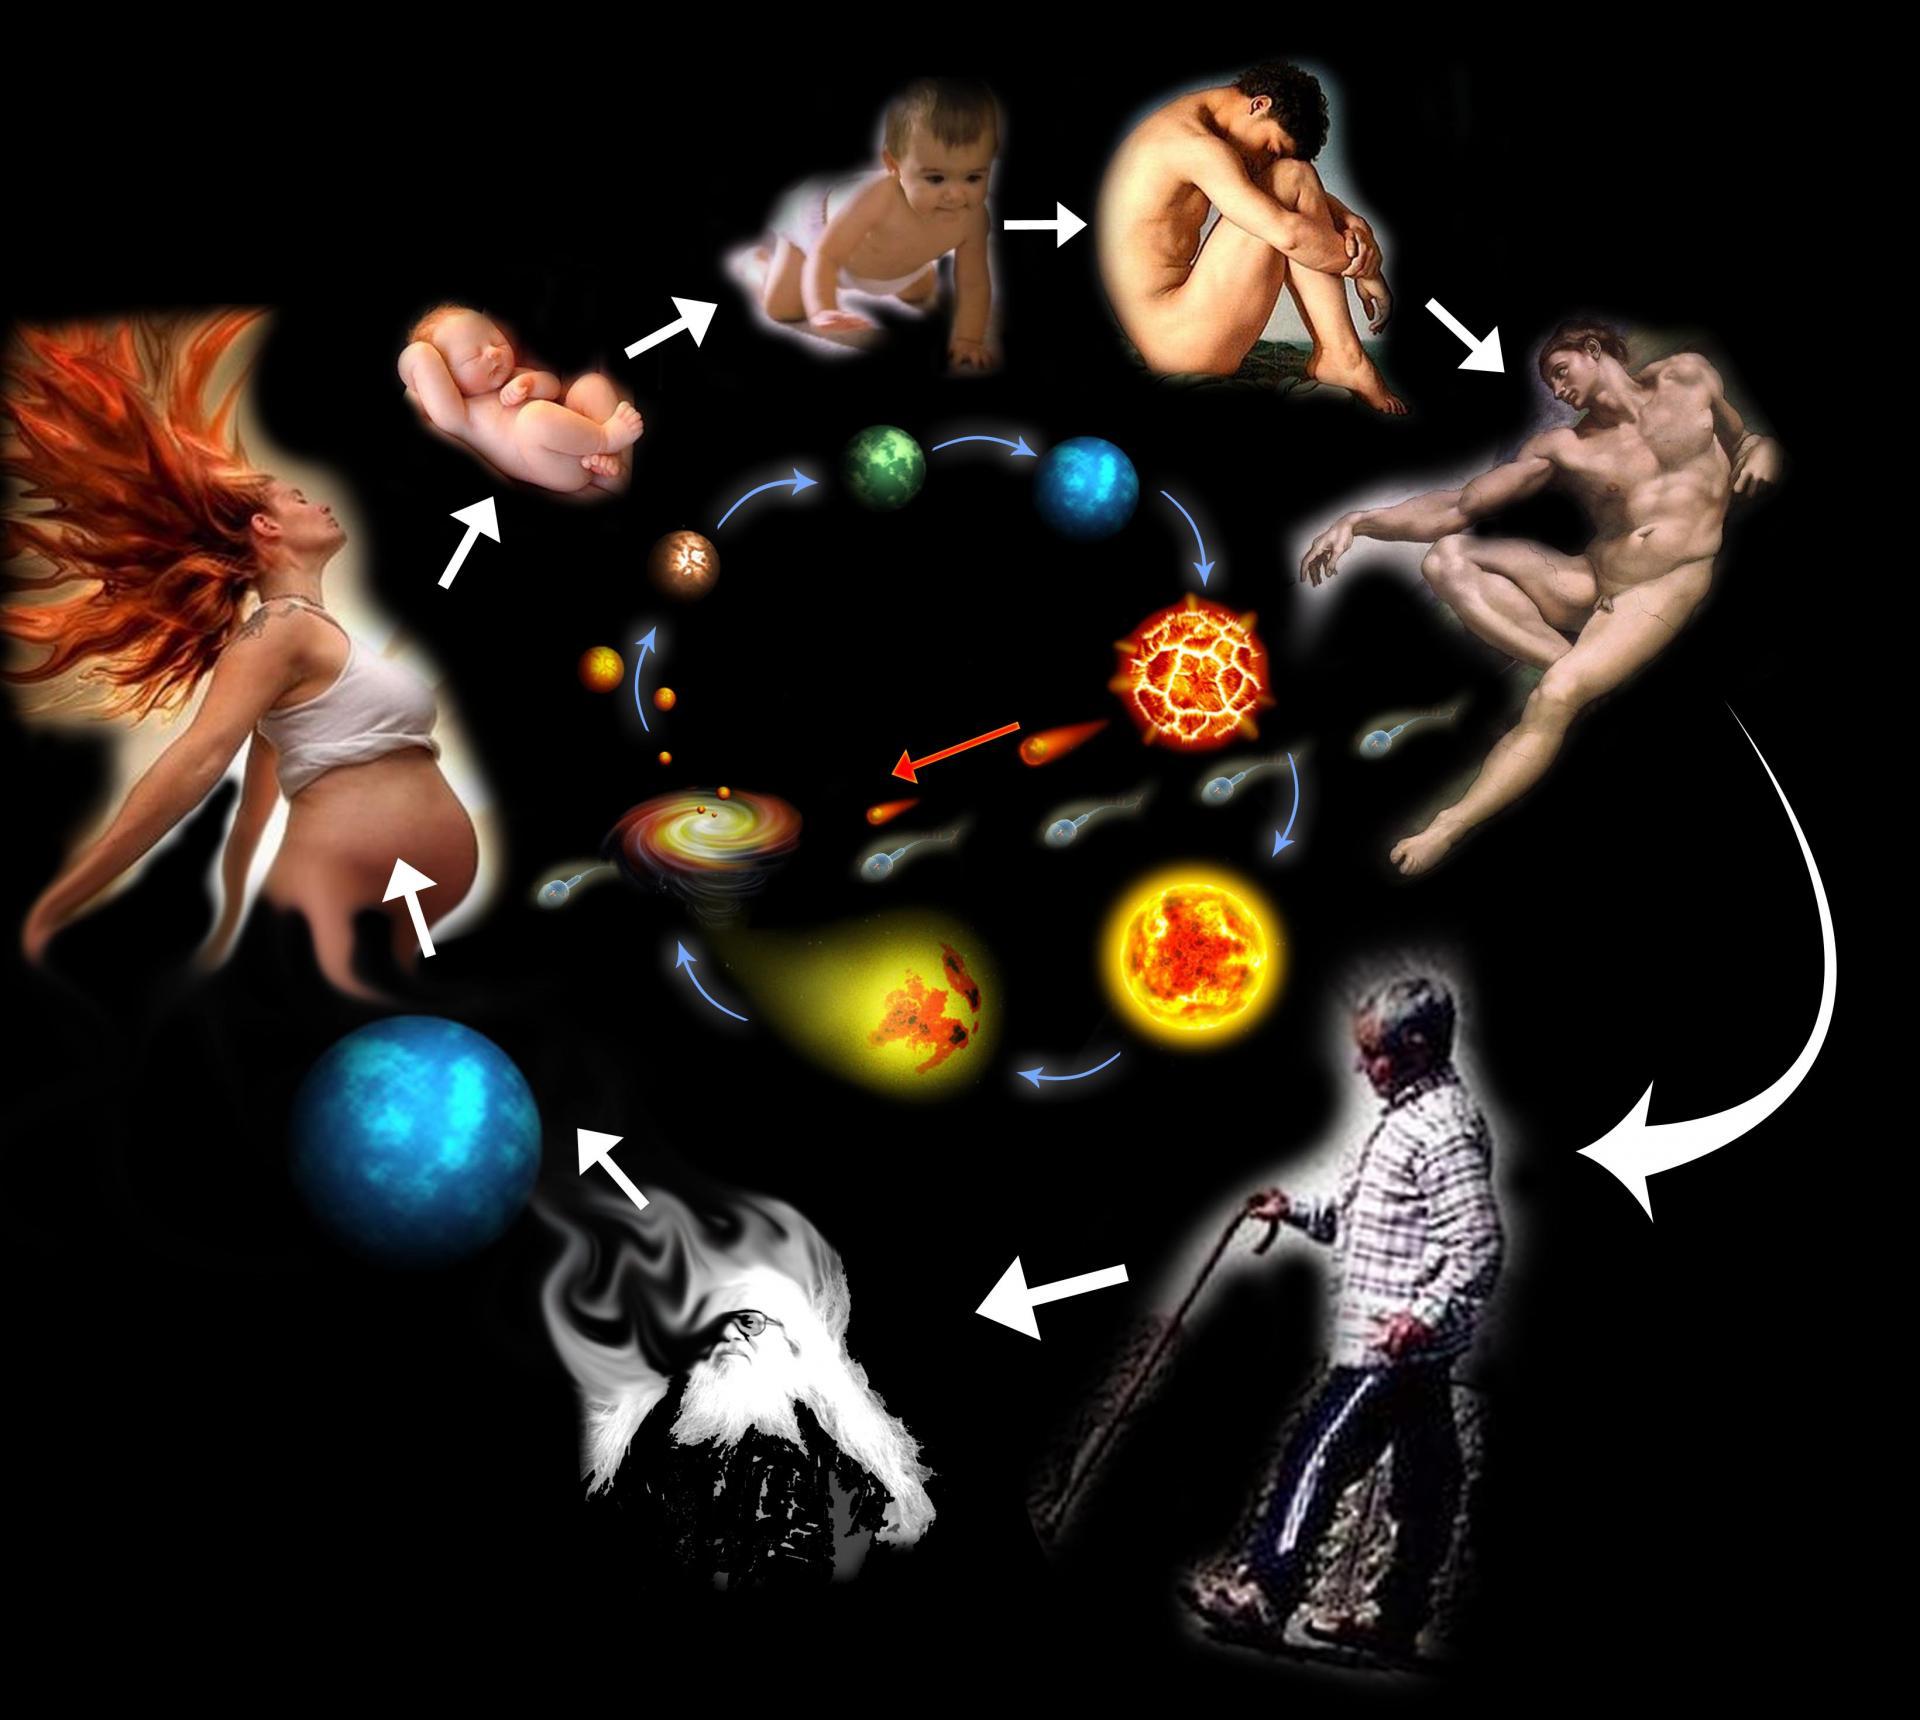 Циклы жизни человека